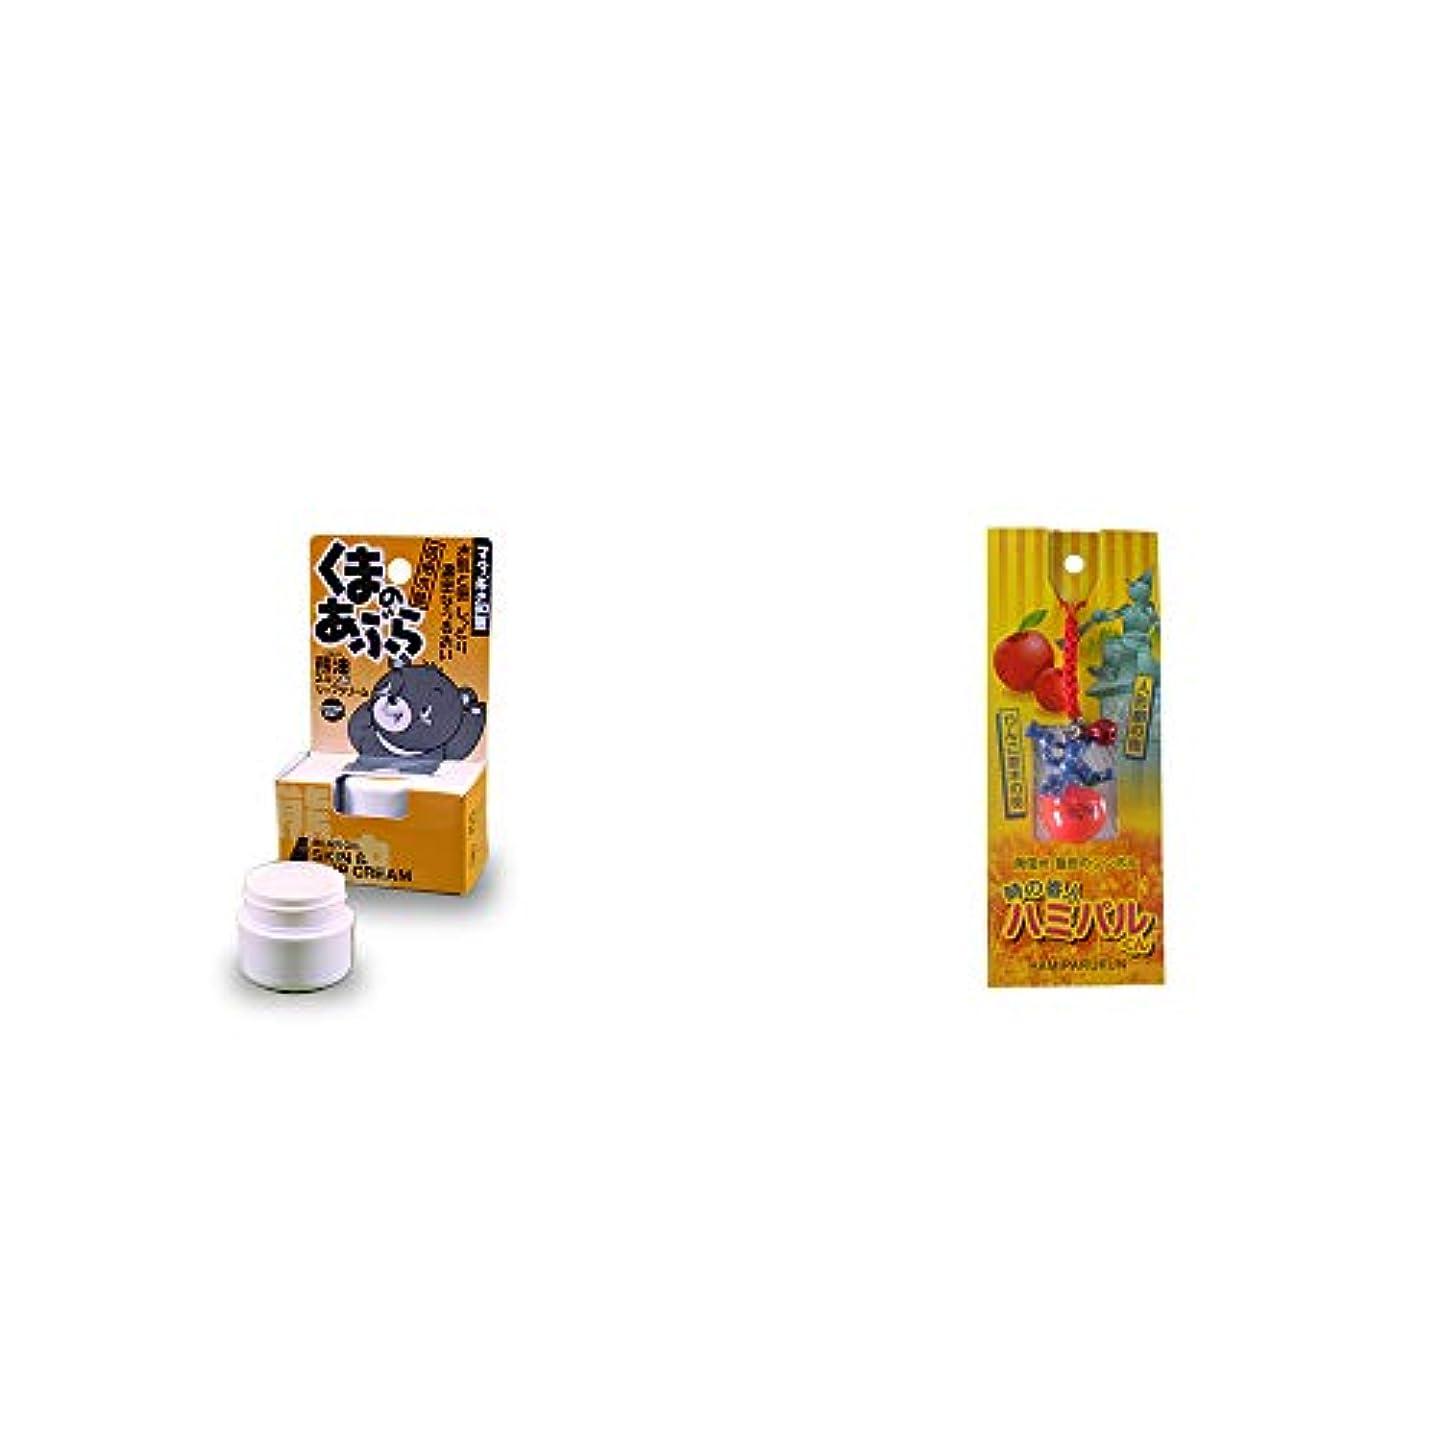 材料責任認識[2点セット] 信州木曽 くまのあぶら 熊油スキン&リップクリーム(9g)?信州?飯田のシンボル 時の番人ハミパルくんストラップ